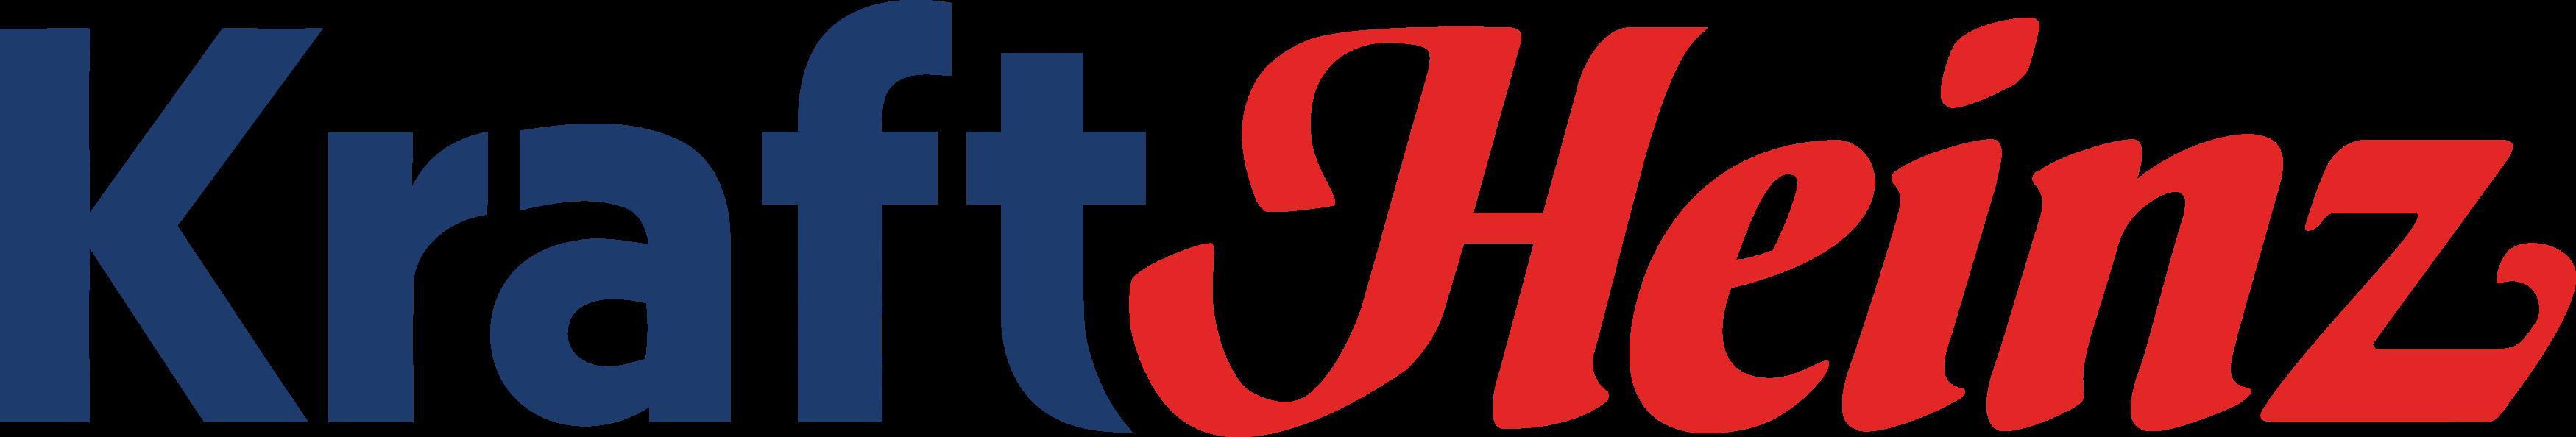 kraft heinz logo - Kraft Heinz Logo